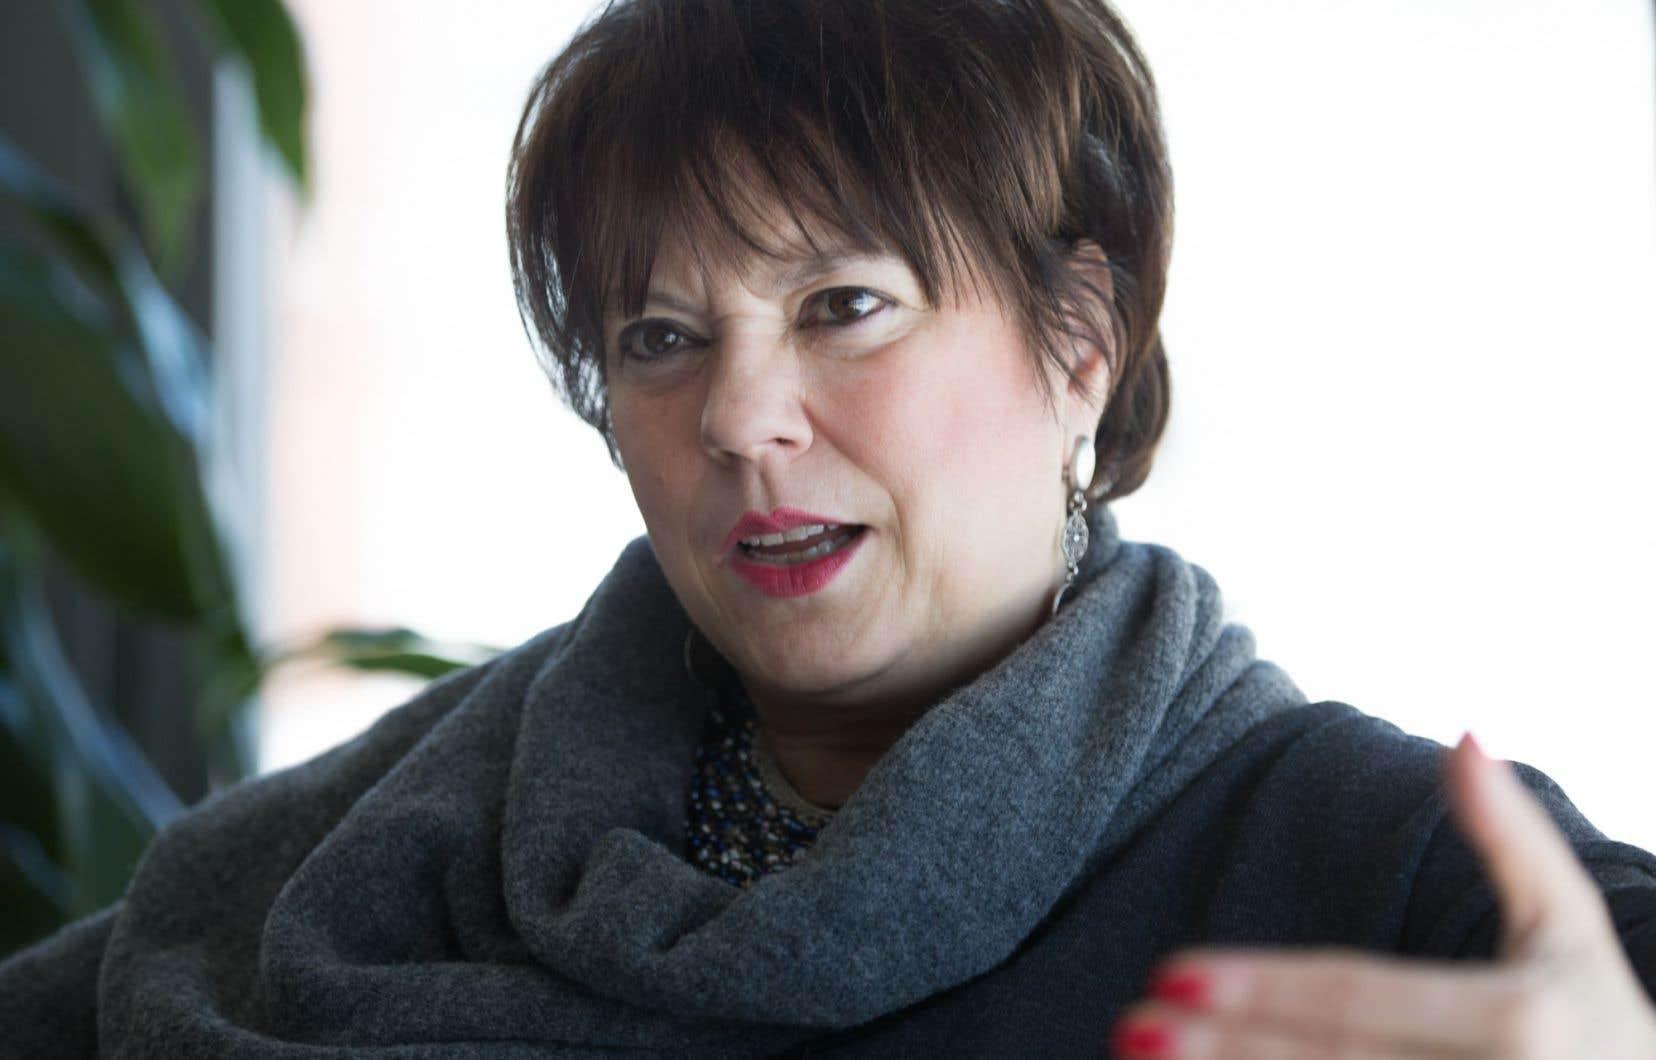 La ministre Hélène David affirme qu'elle fera du patrimoine un volet important de la nouvelle Politique culturelle qu'elle promet pour 2017.